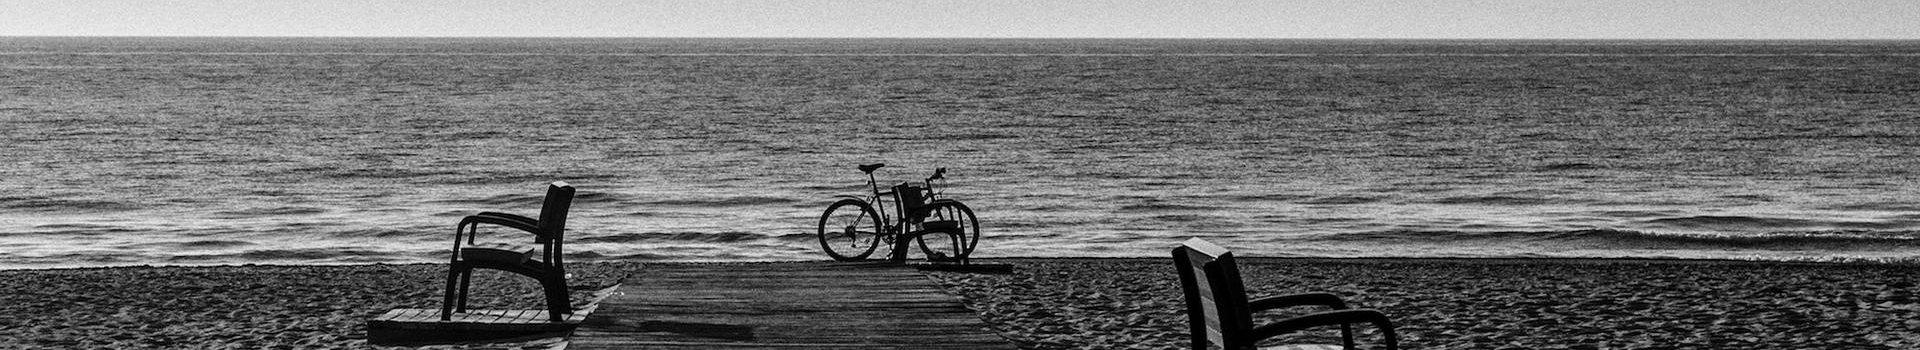 Pierwszy rower elektryczny - co musisz wiedzieć przed zakupem